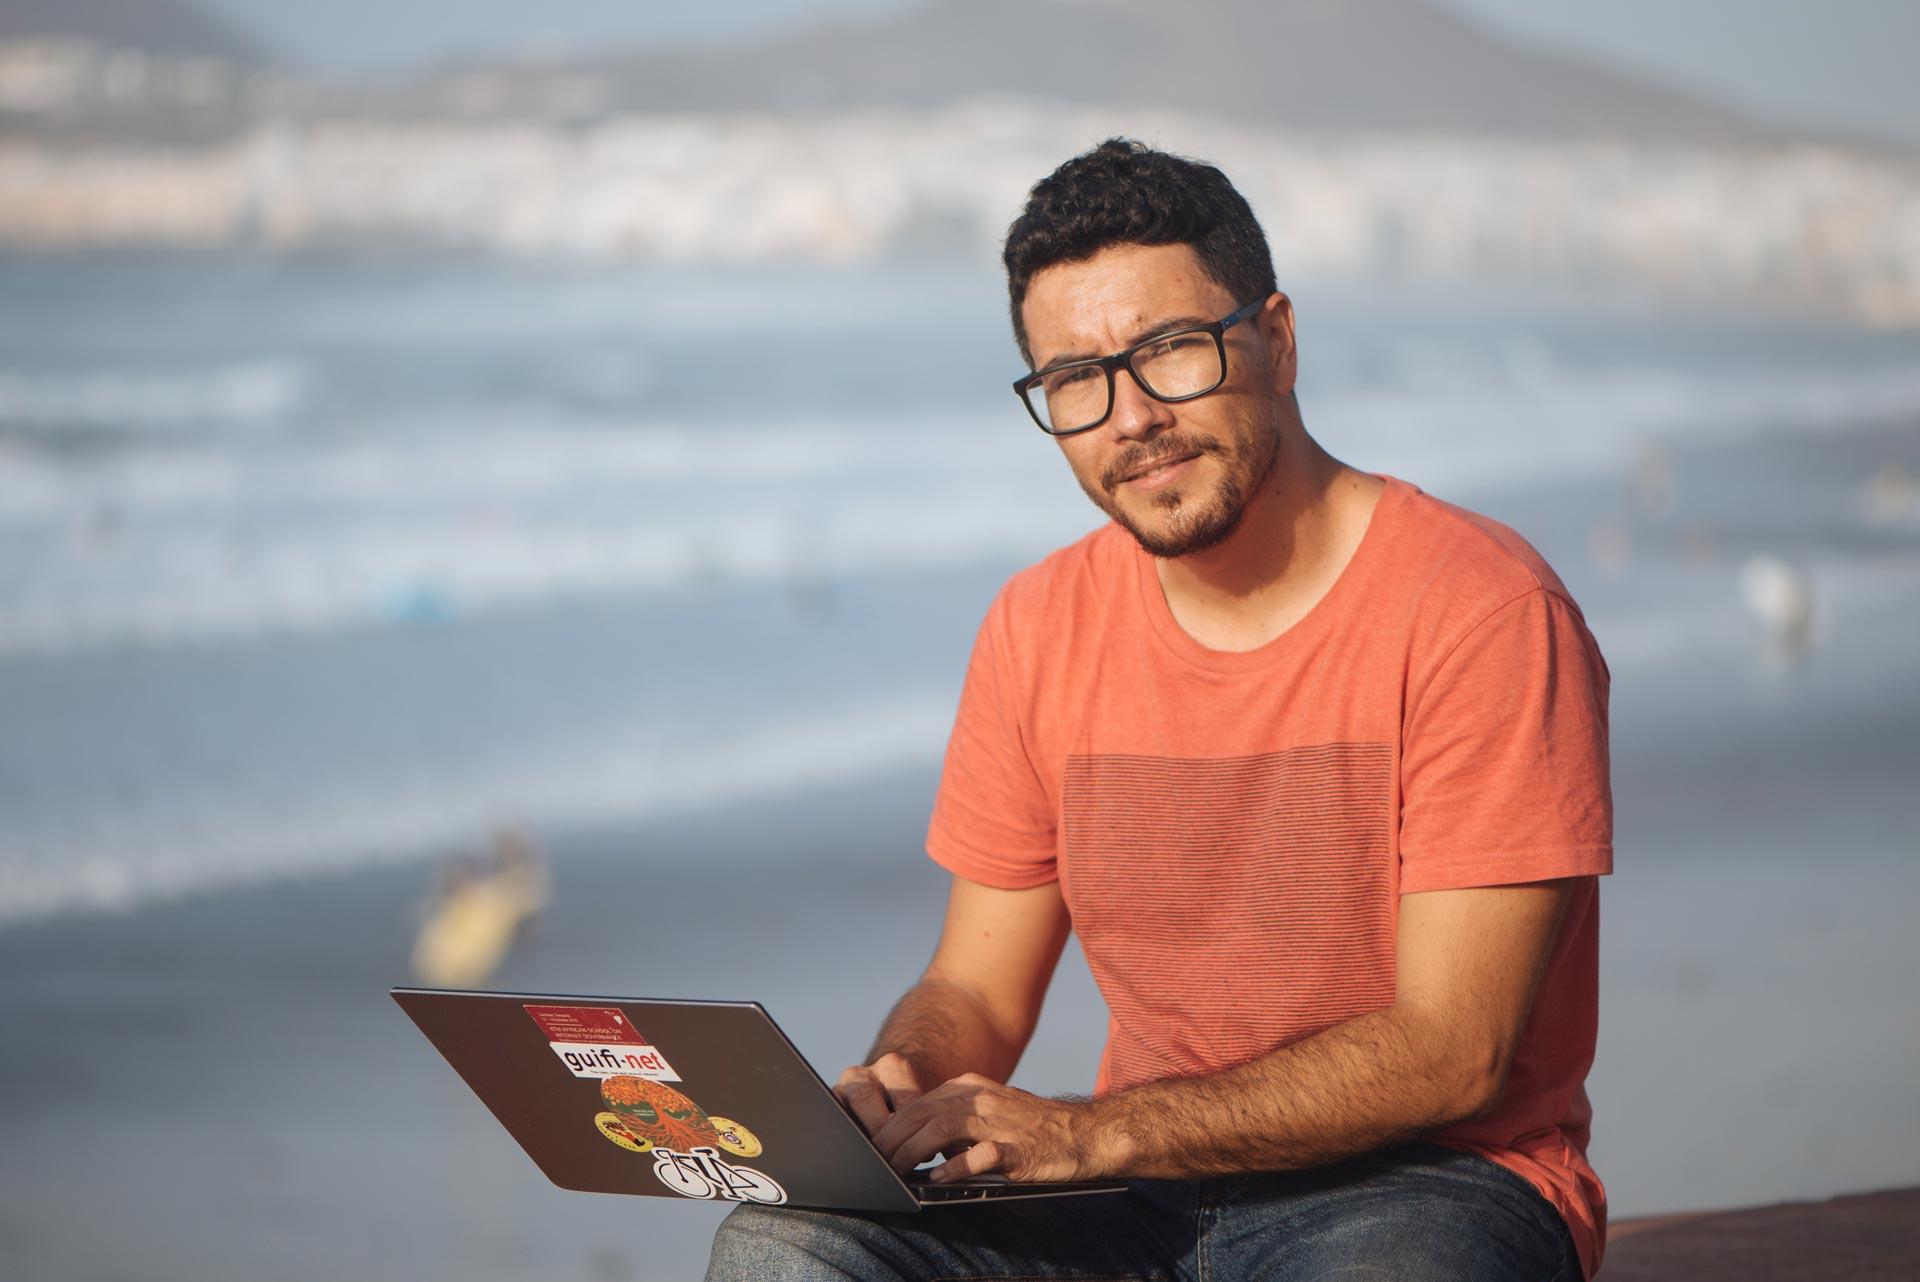 Carlos Rey-Moreno